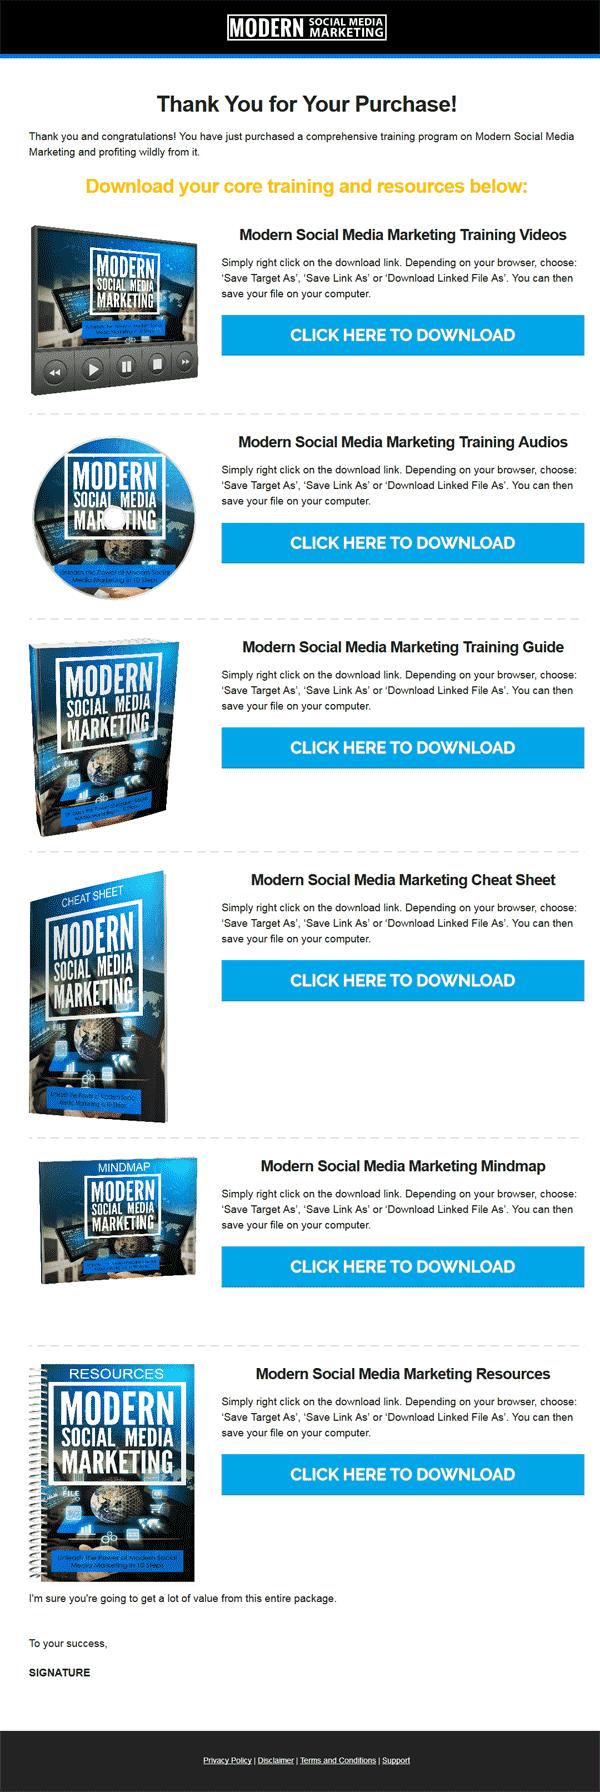 Modern Social Media Marketing Ebook and Videos MRR